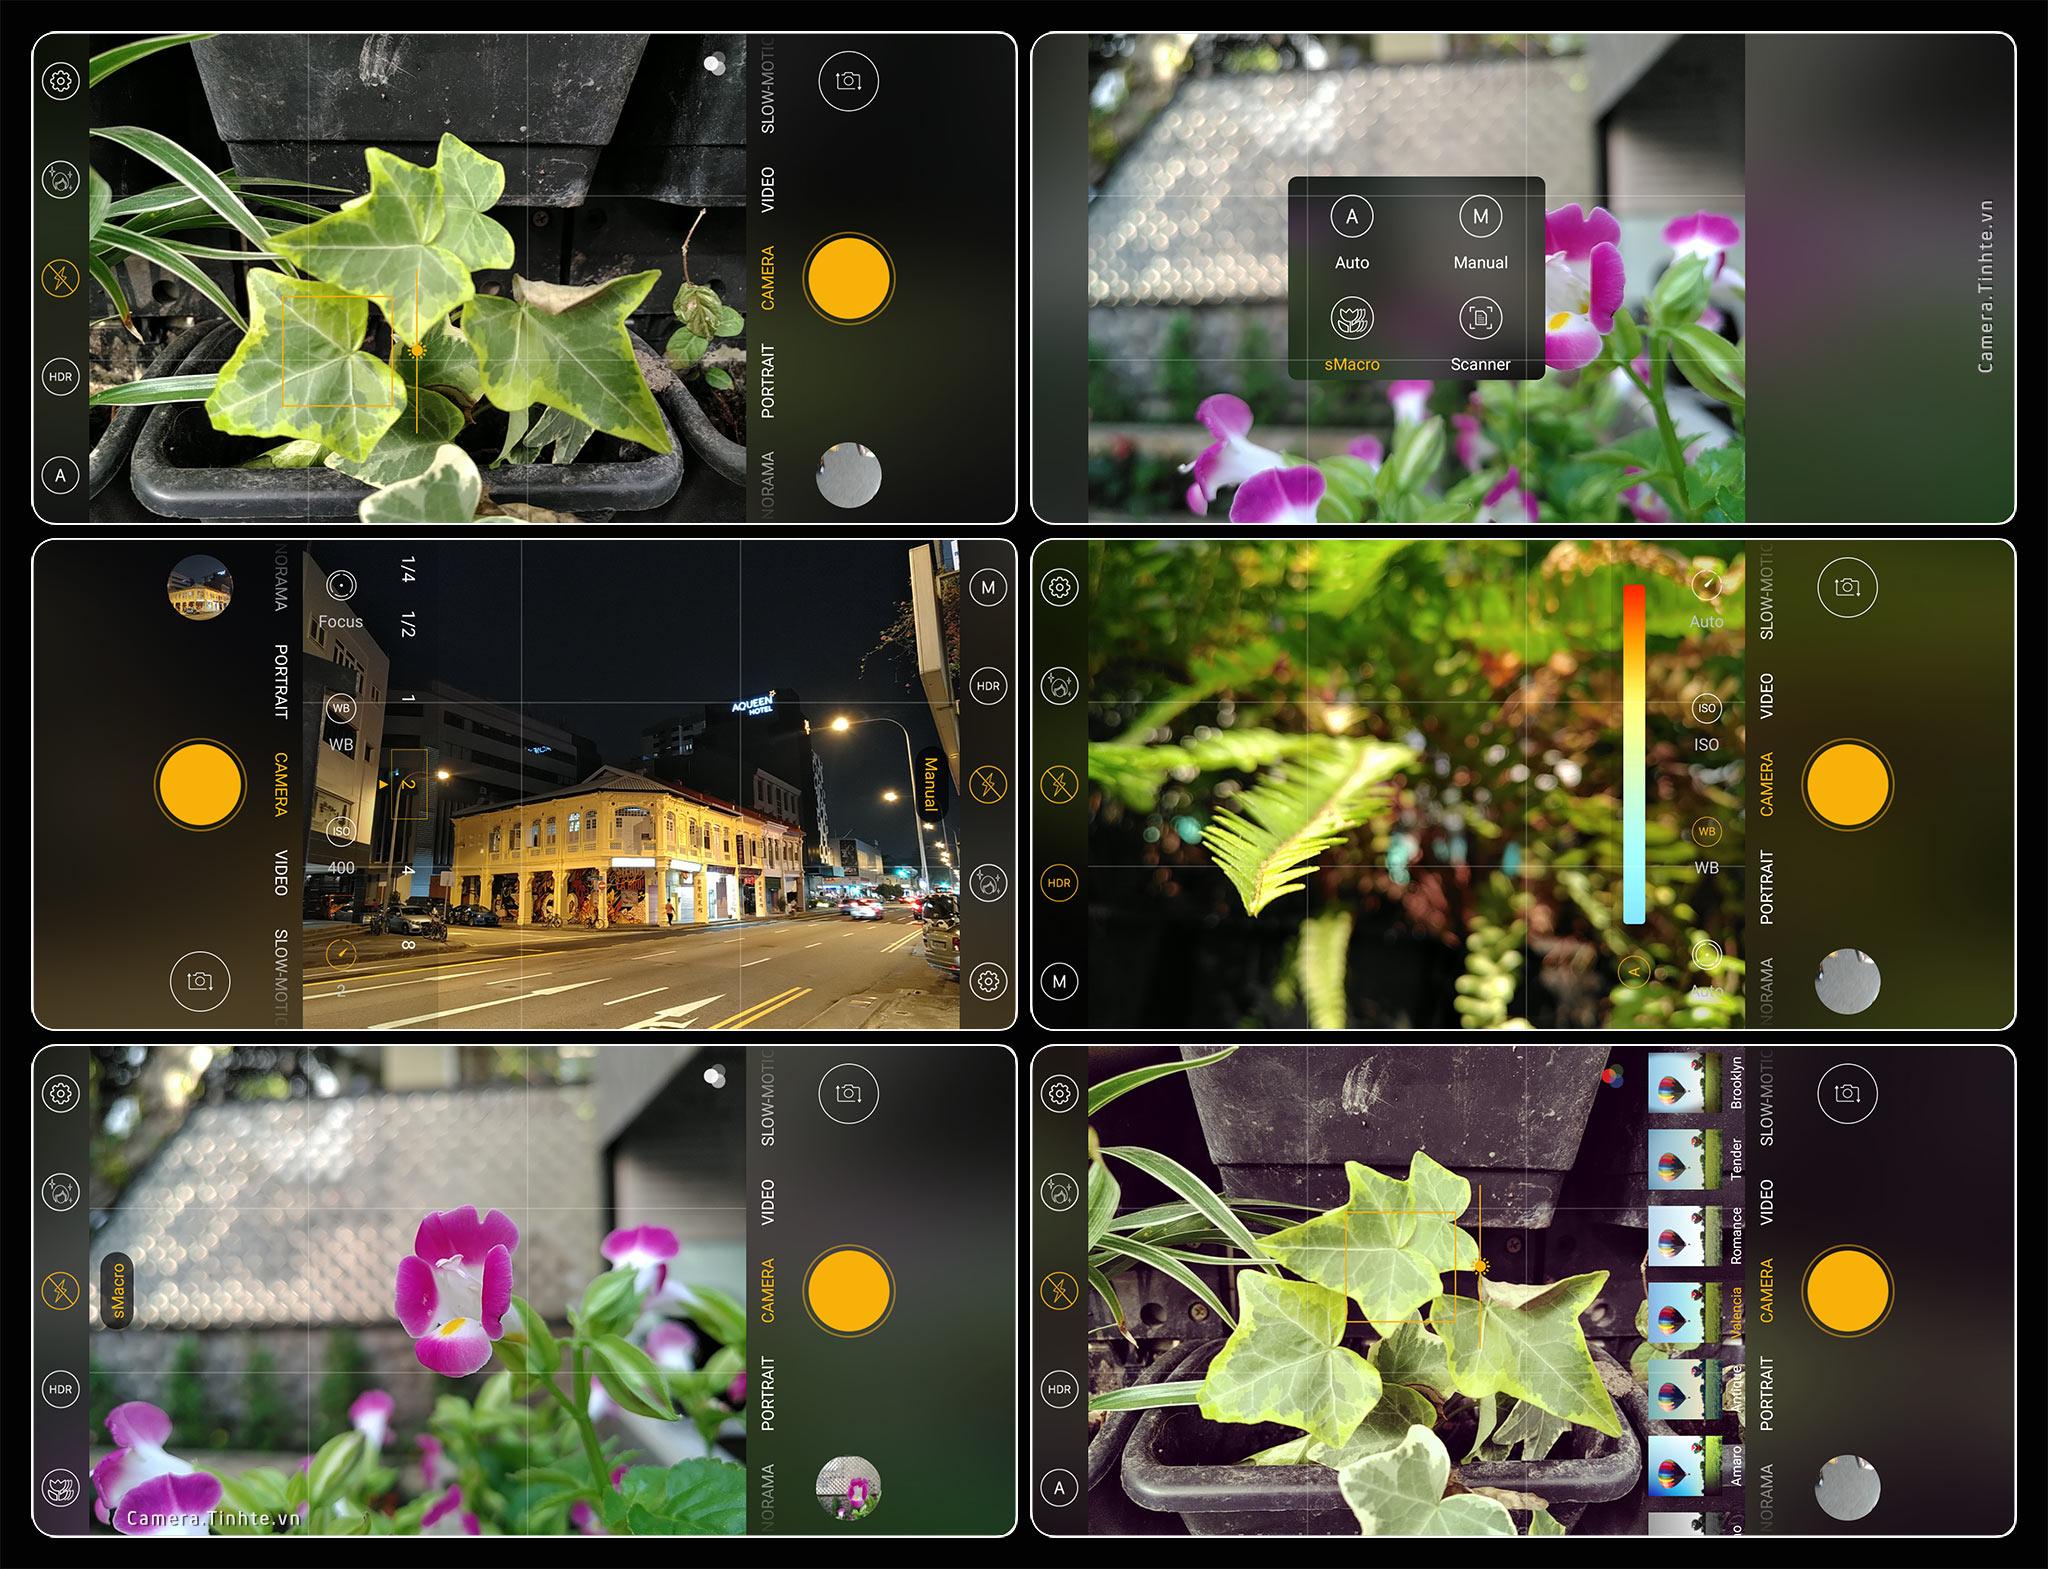 Camera.Tinhte.vn_Bphone-3_Menu.jpg